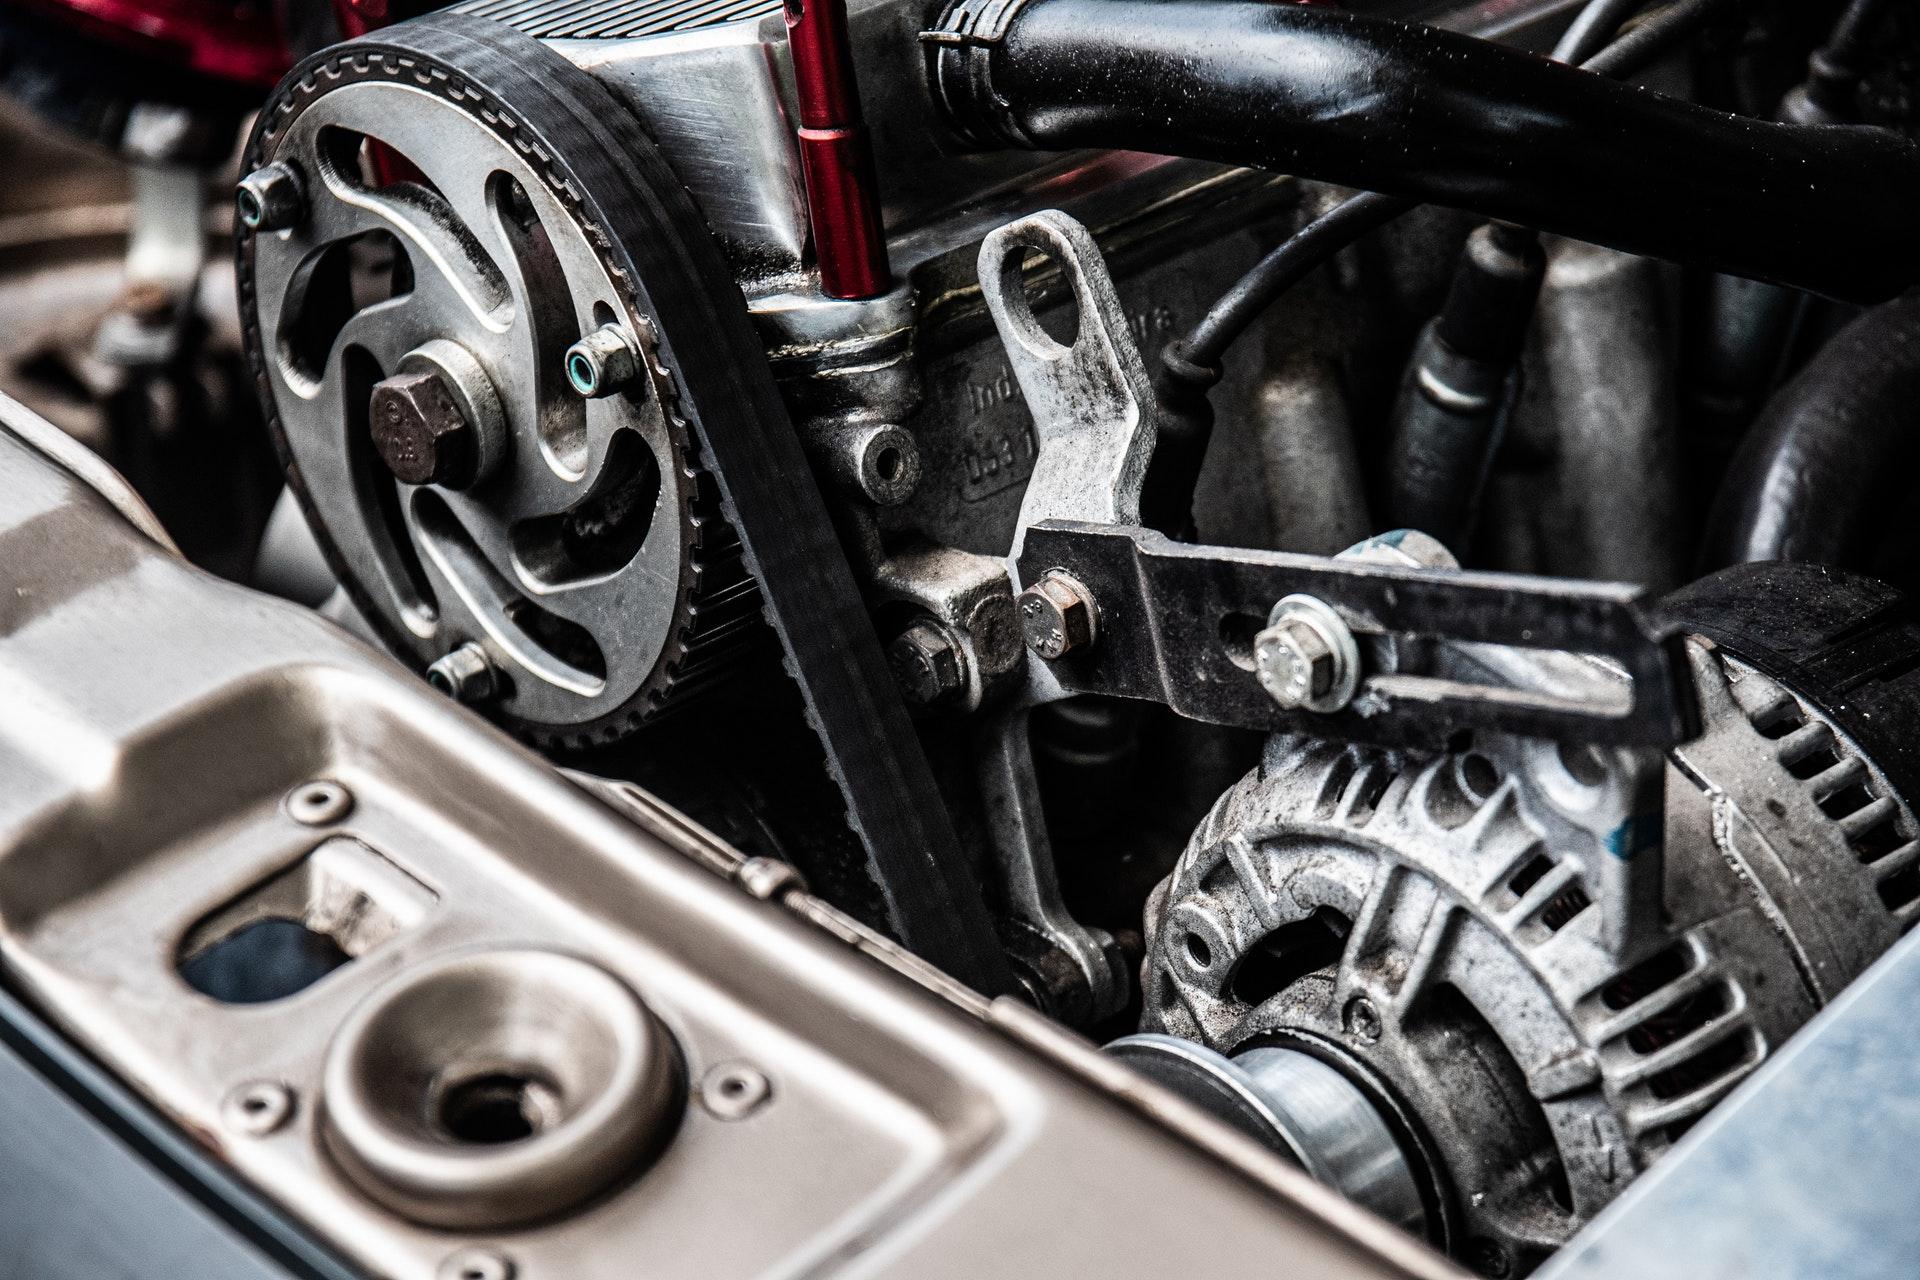 Motor abierto al que le han realizado un aumento de potencia